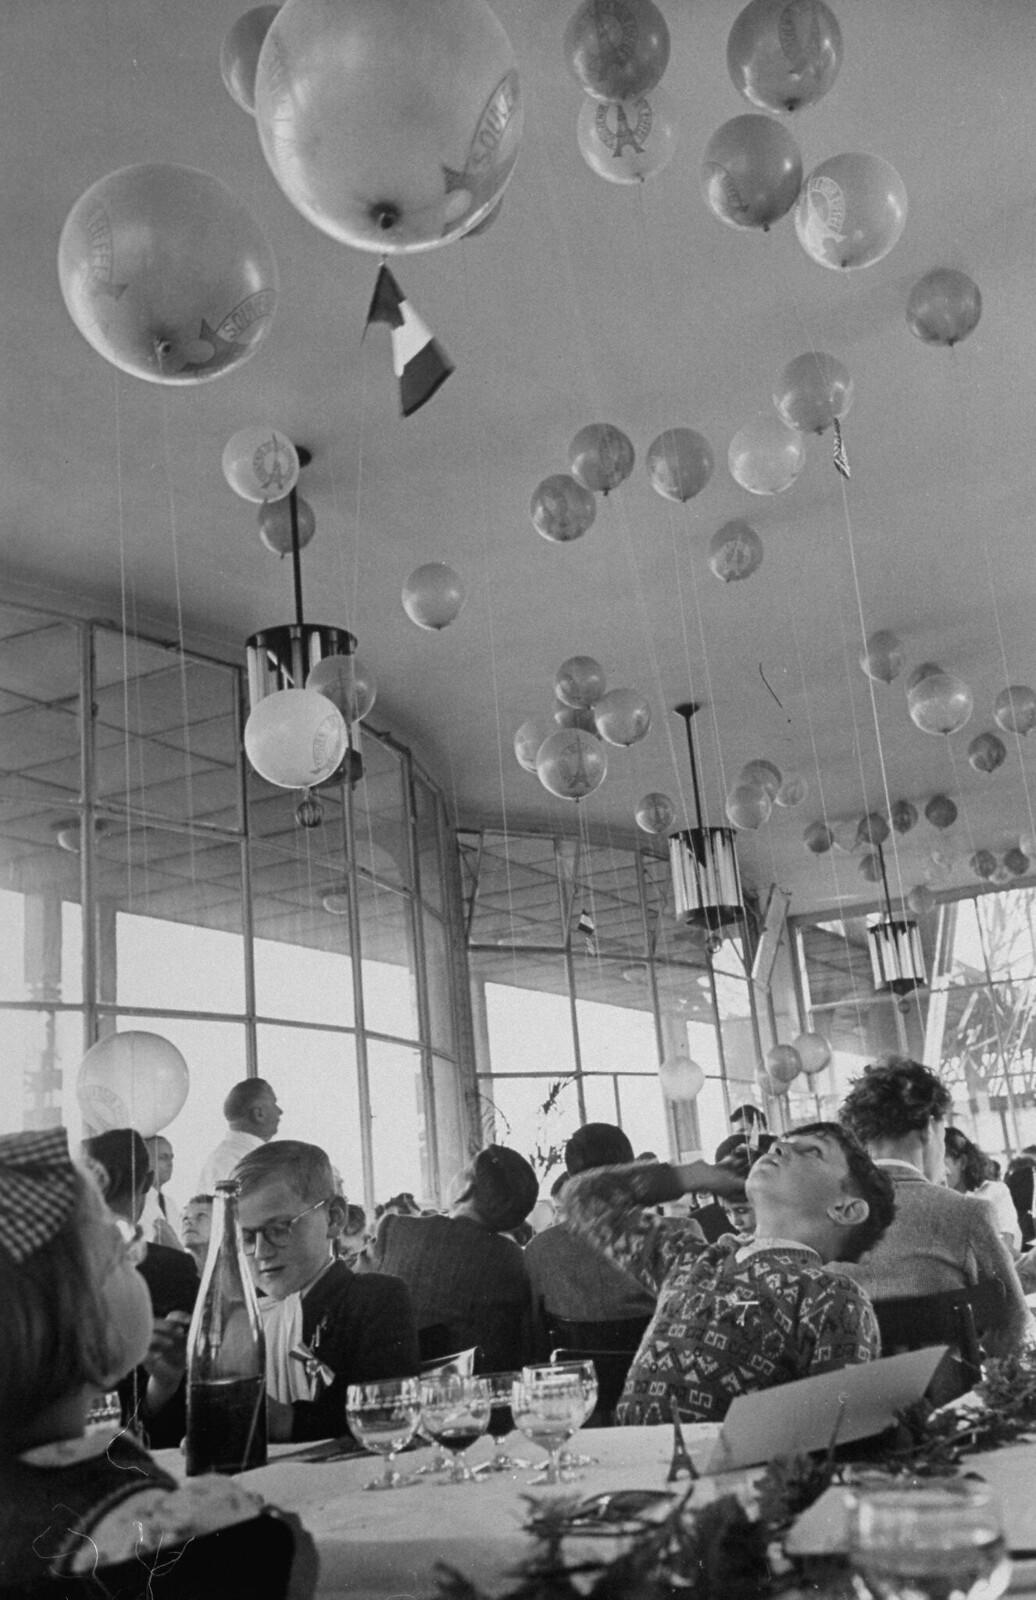 08. 1949. Дети были очарованы воздушными шарами, украшающими ресторан «Эйфелева башня»